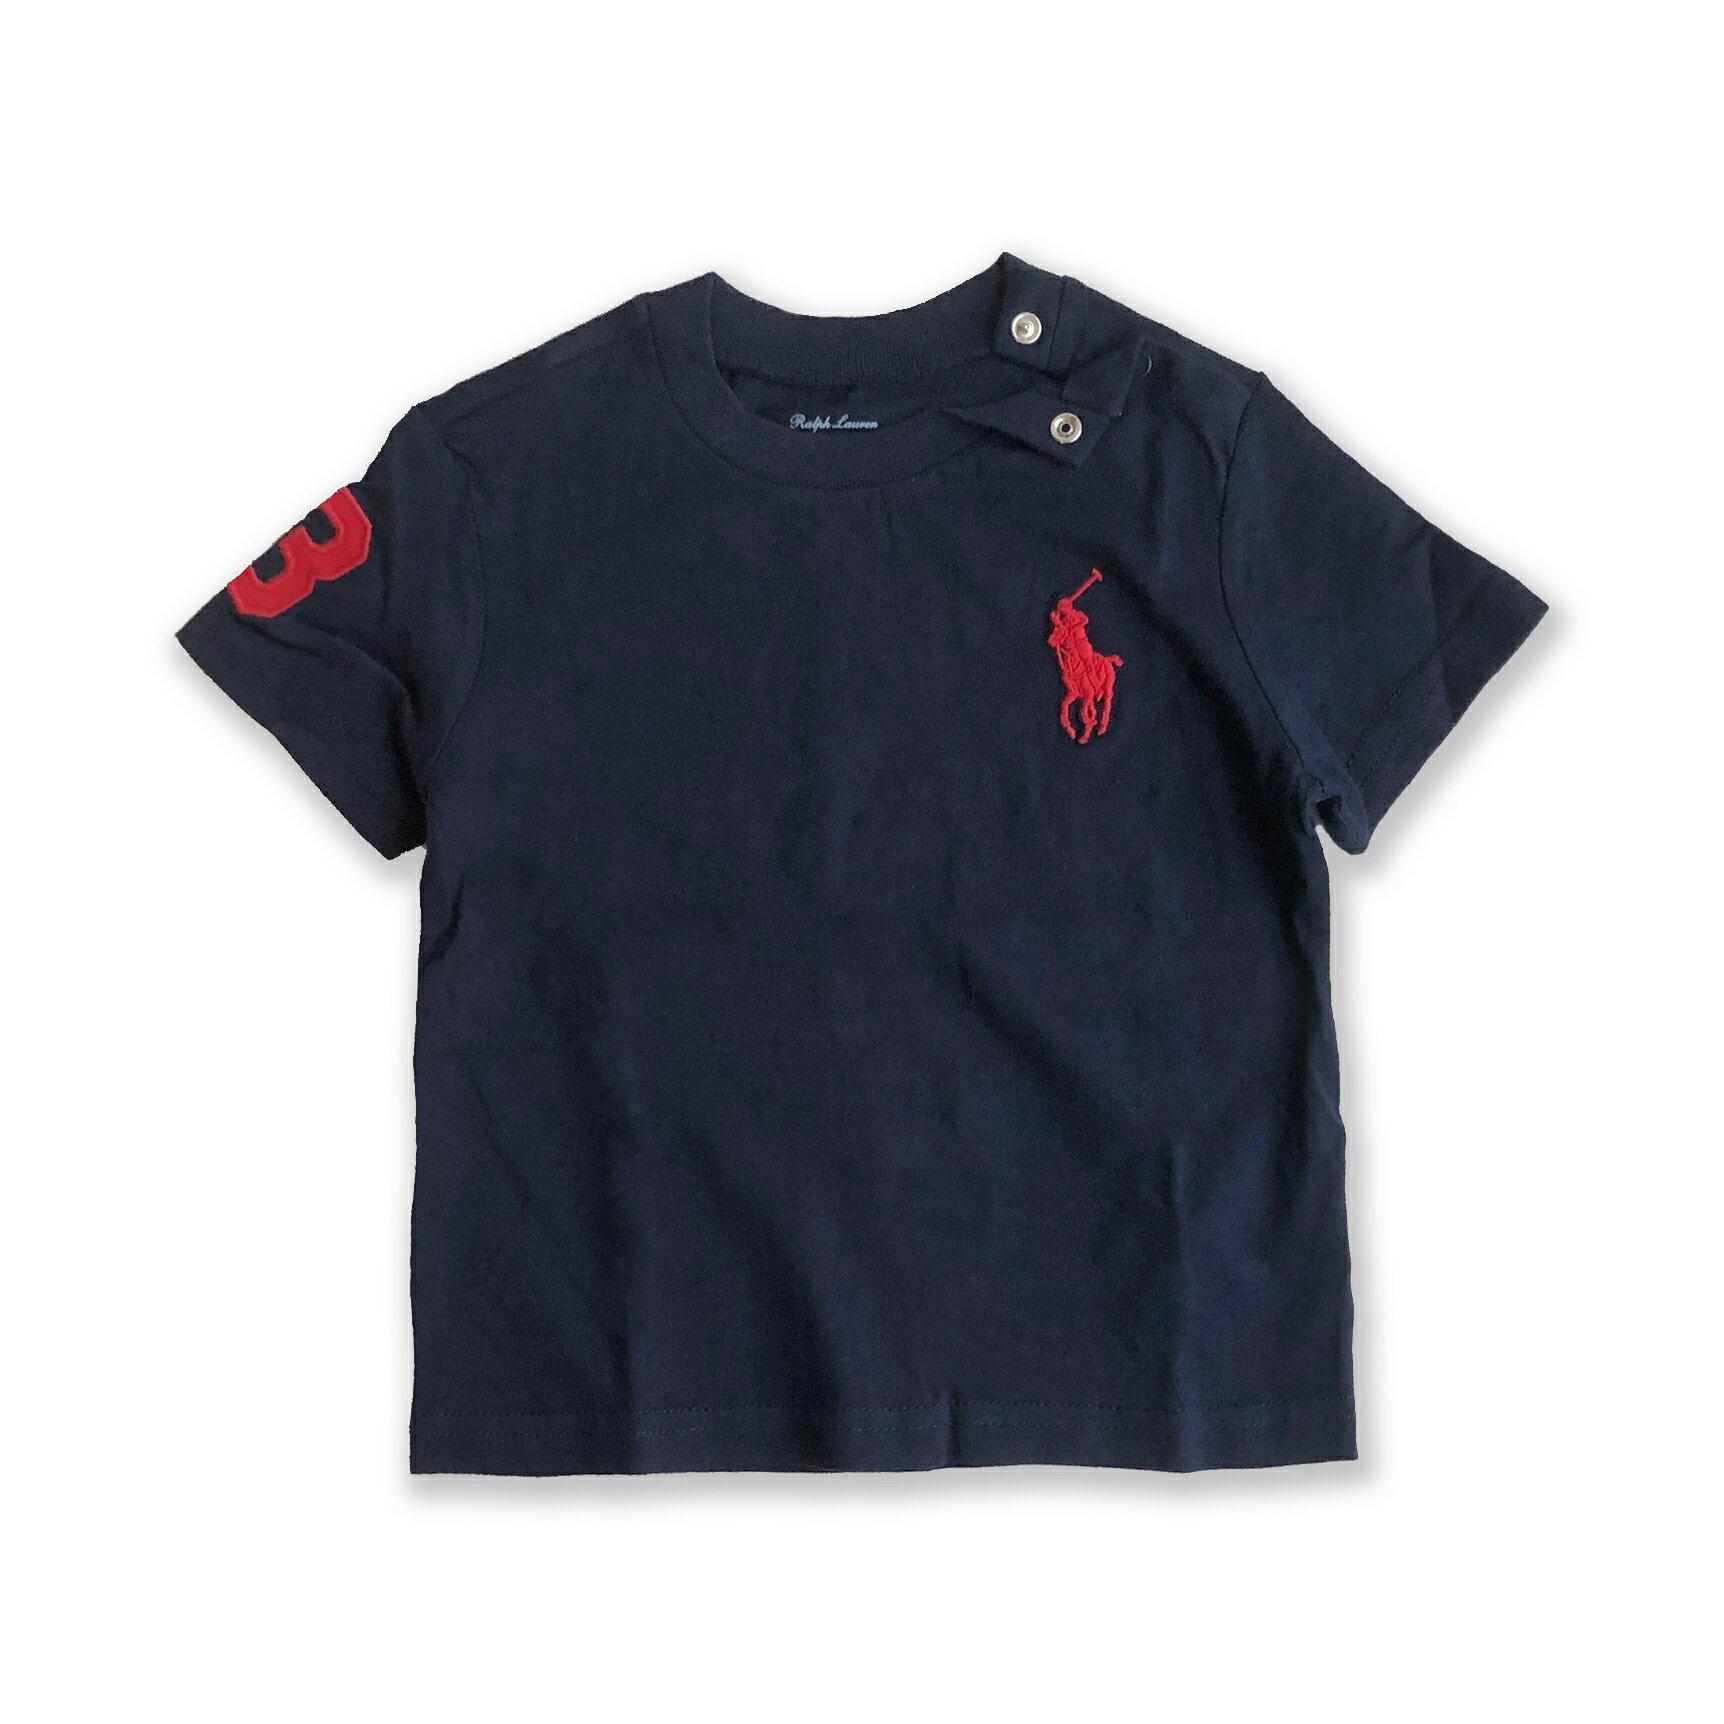 美國百分百【Ralph Lauren】嬰兒 童裝 短袖上衣 RL大馬 T-shirt T恤 男寶女寶 12M 現貨 深藍